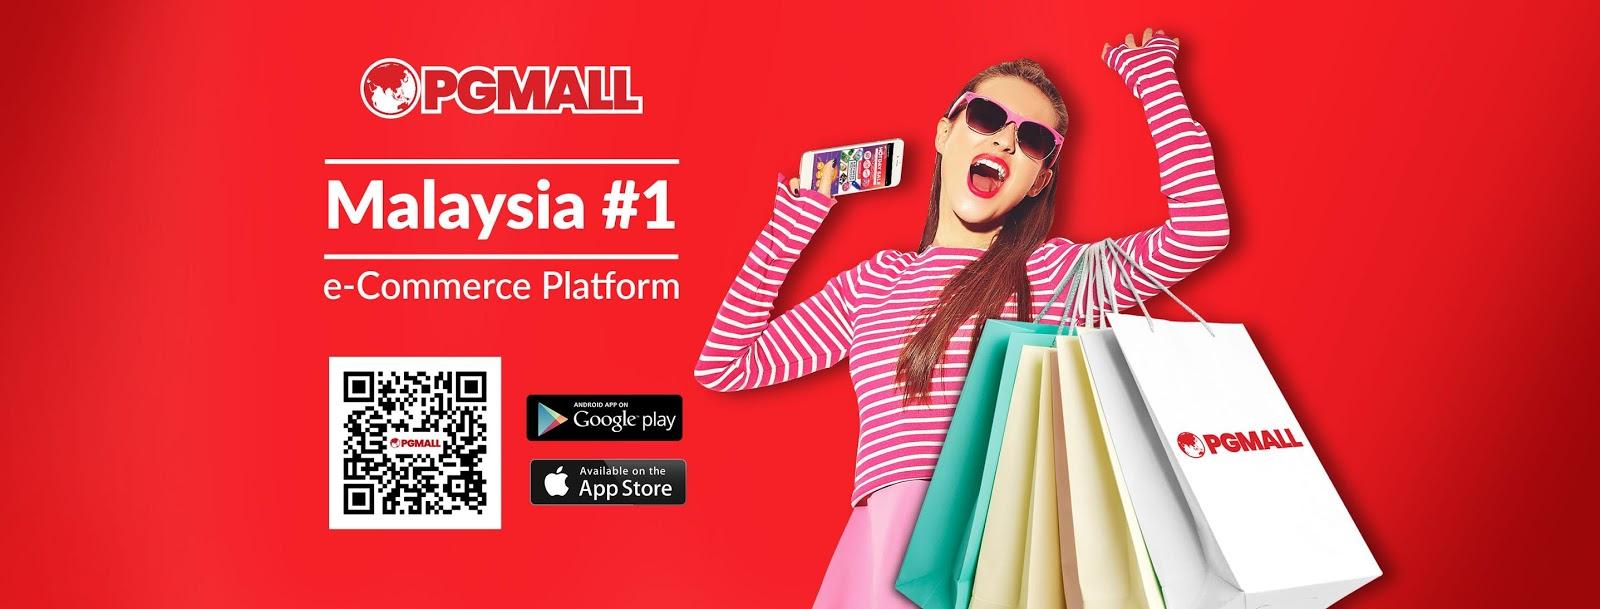 e-commerce platform, Cara daftar sebagai seller di PG Mall